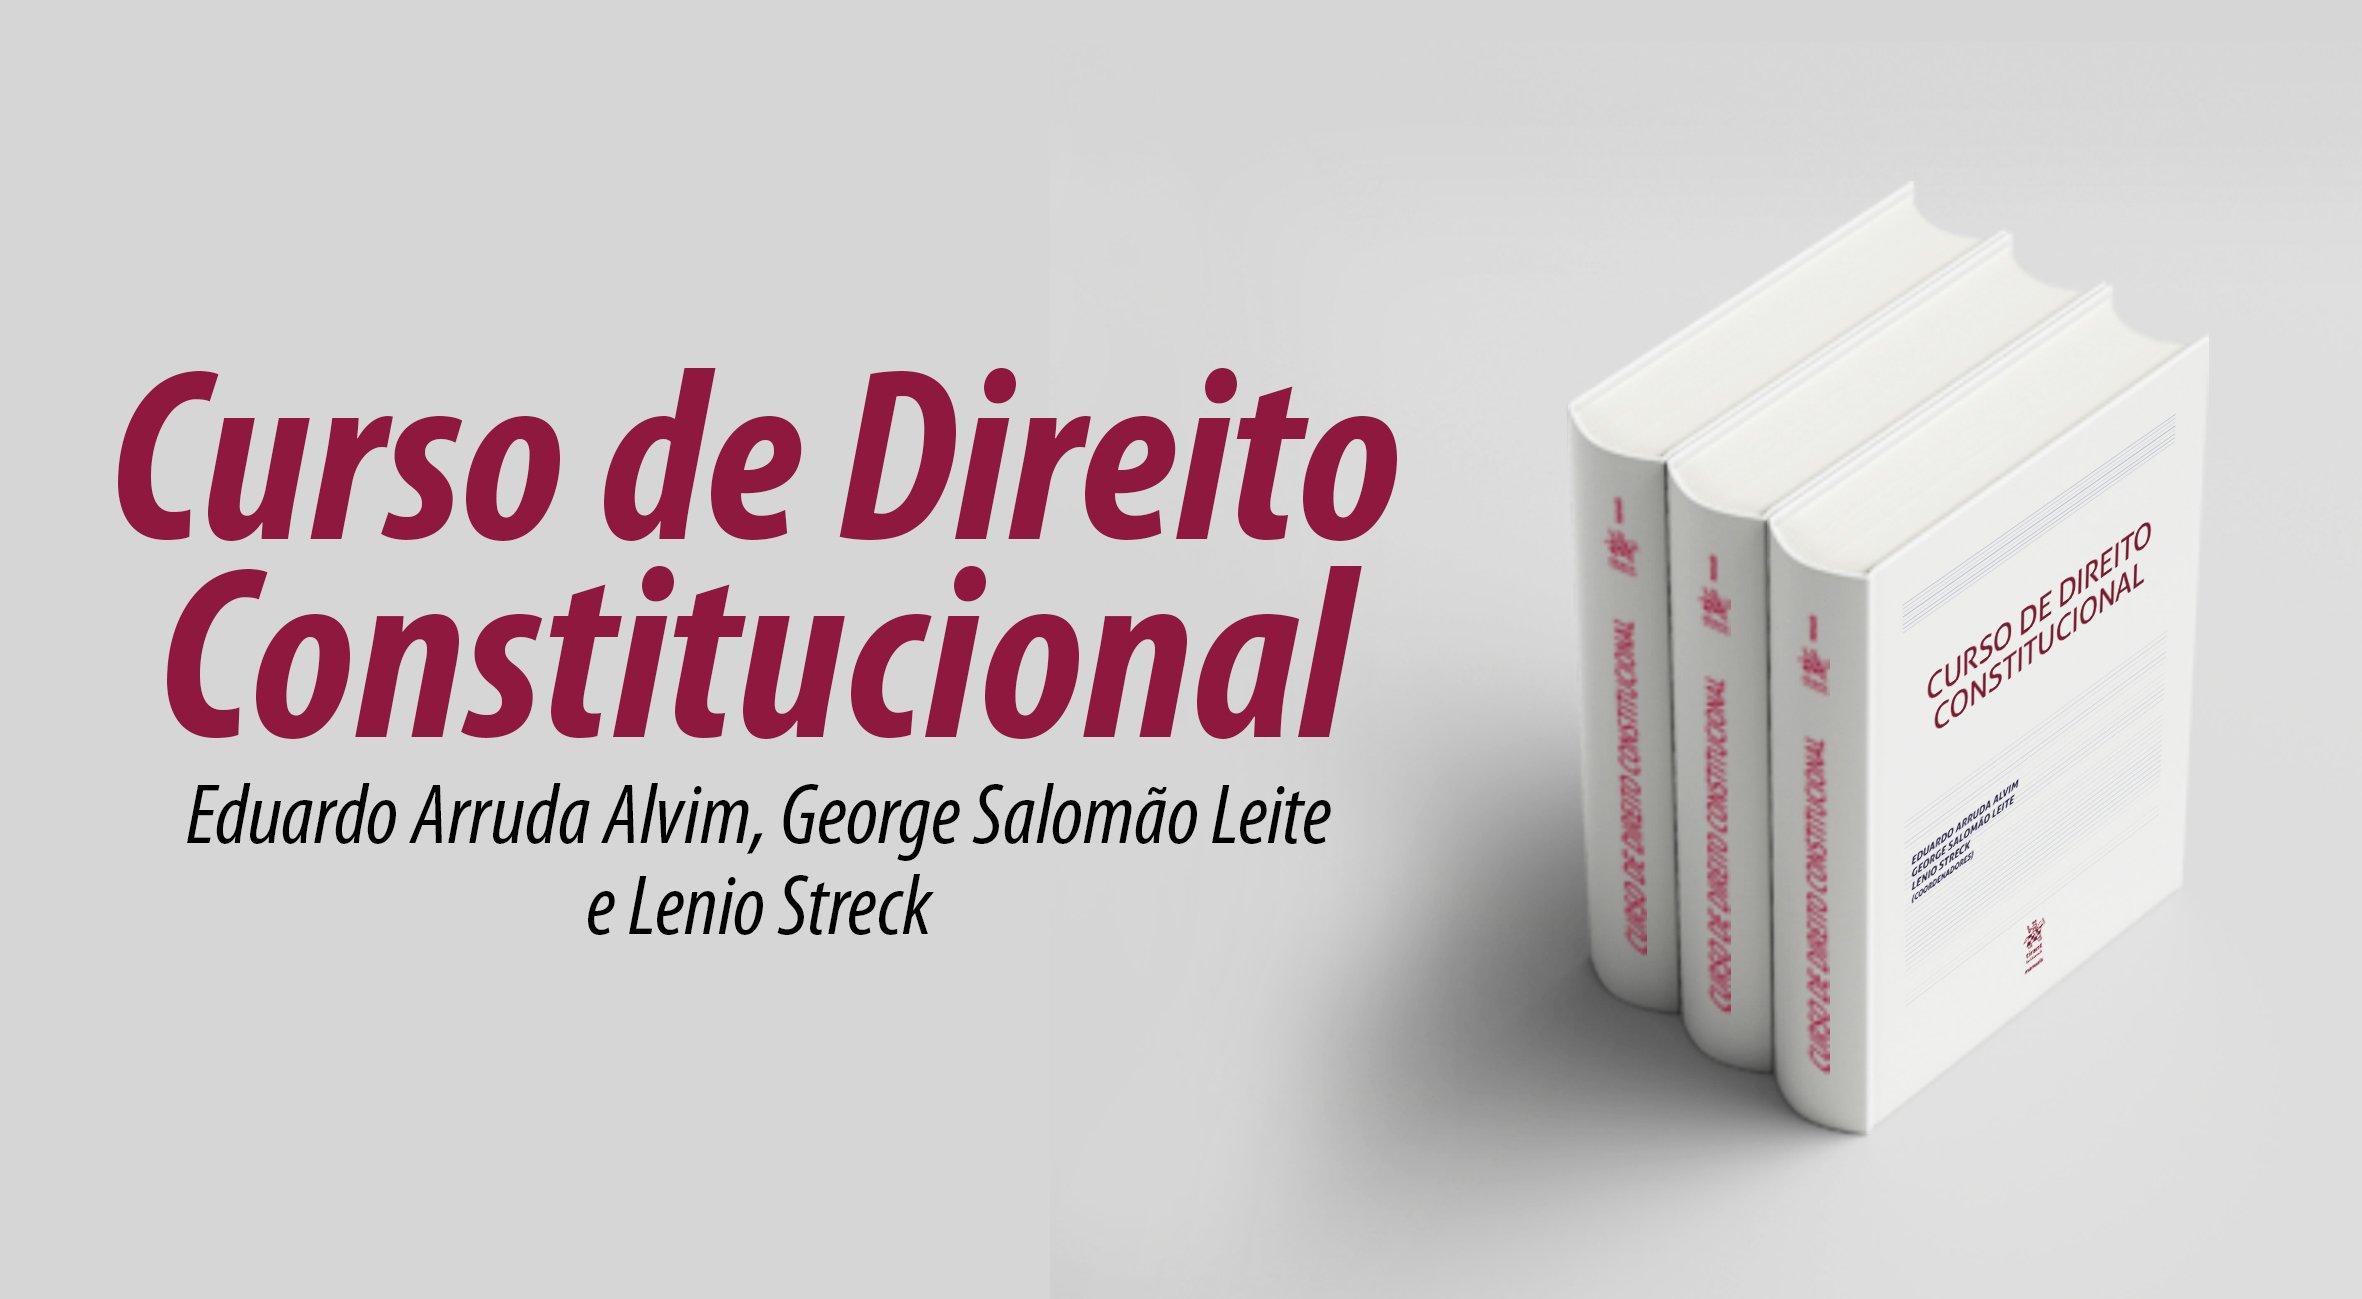 Curso de Direito Constitucional, por Lênio Streck, George Salomão Leite e Eduardo Arruda Alvim